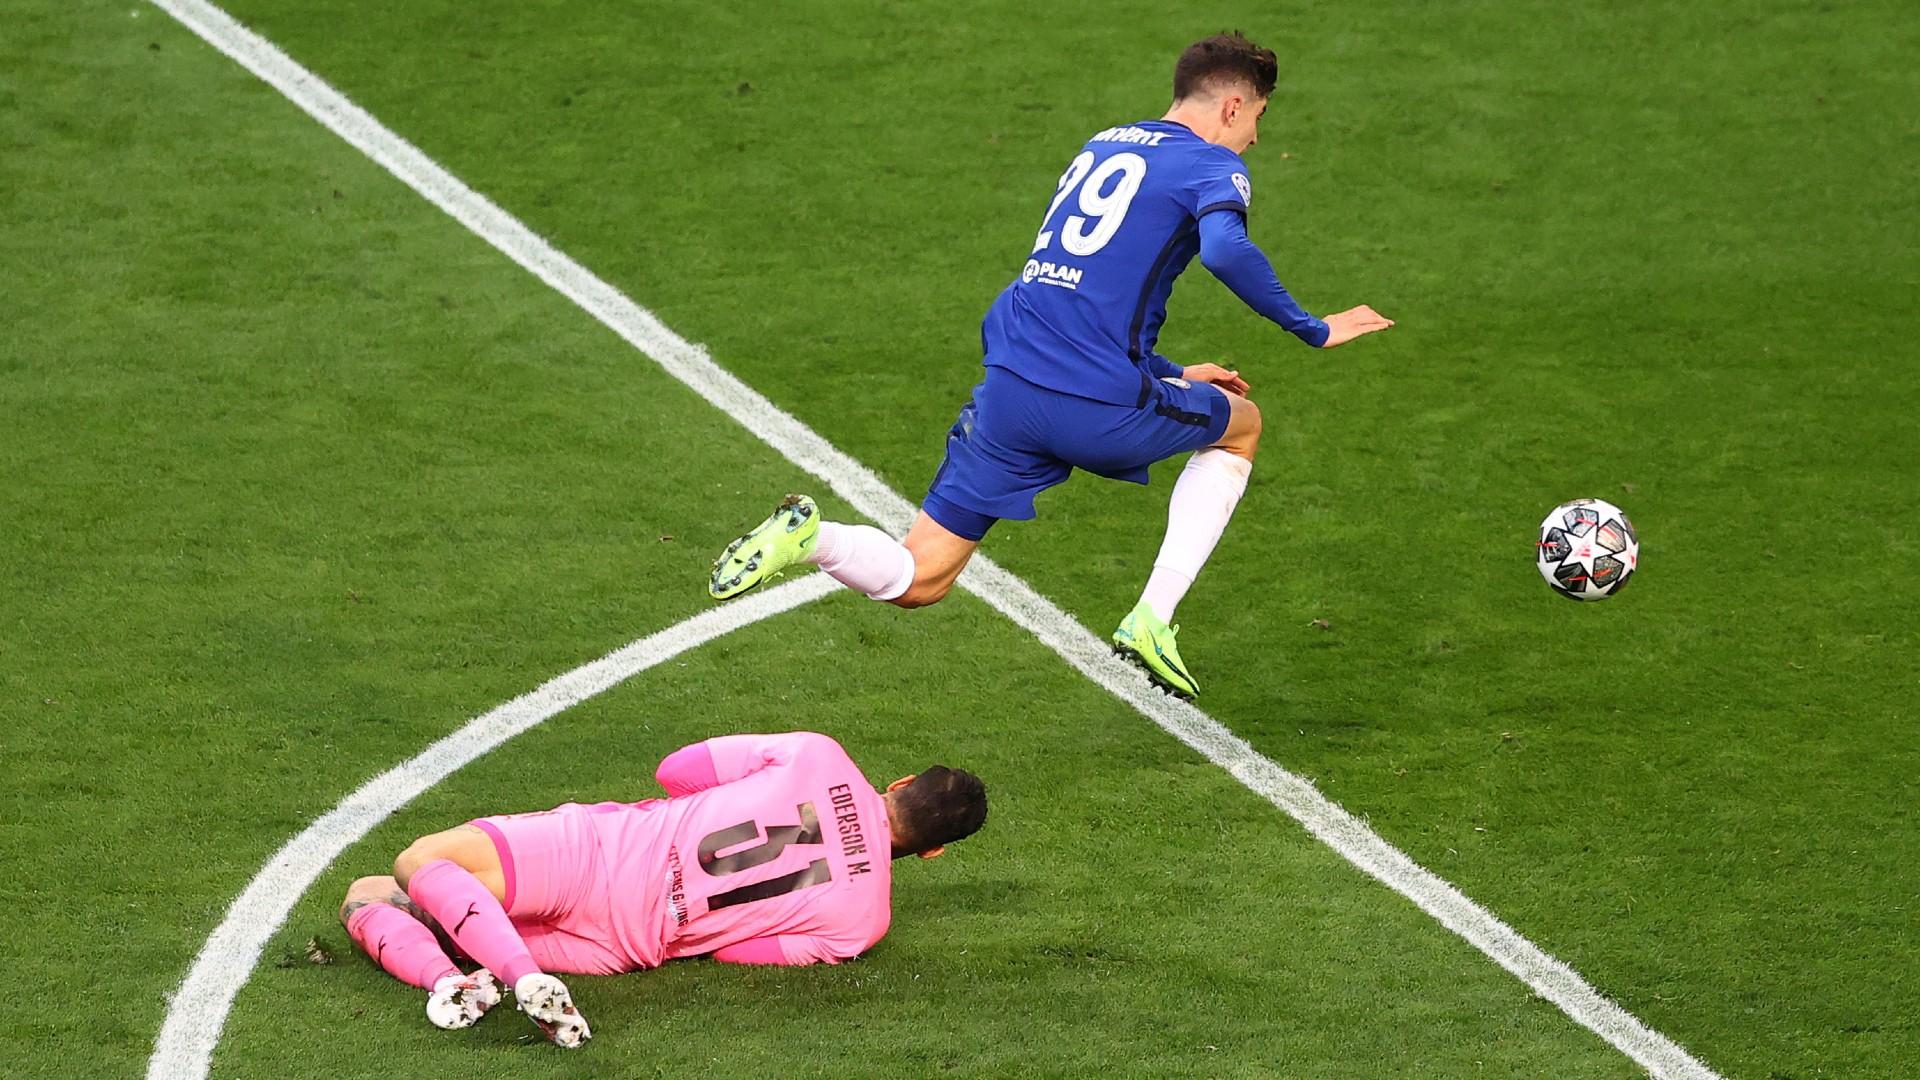 Pep Guardiola sai lầm khi nghĩ quá nhiều - Bóng Đá